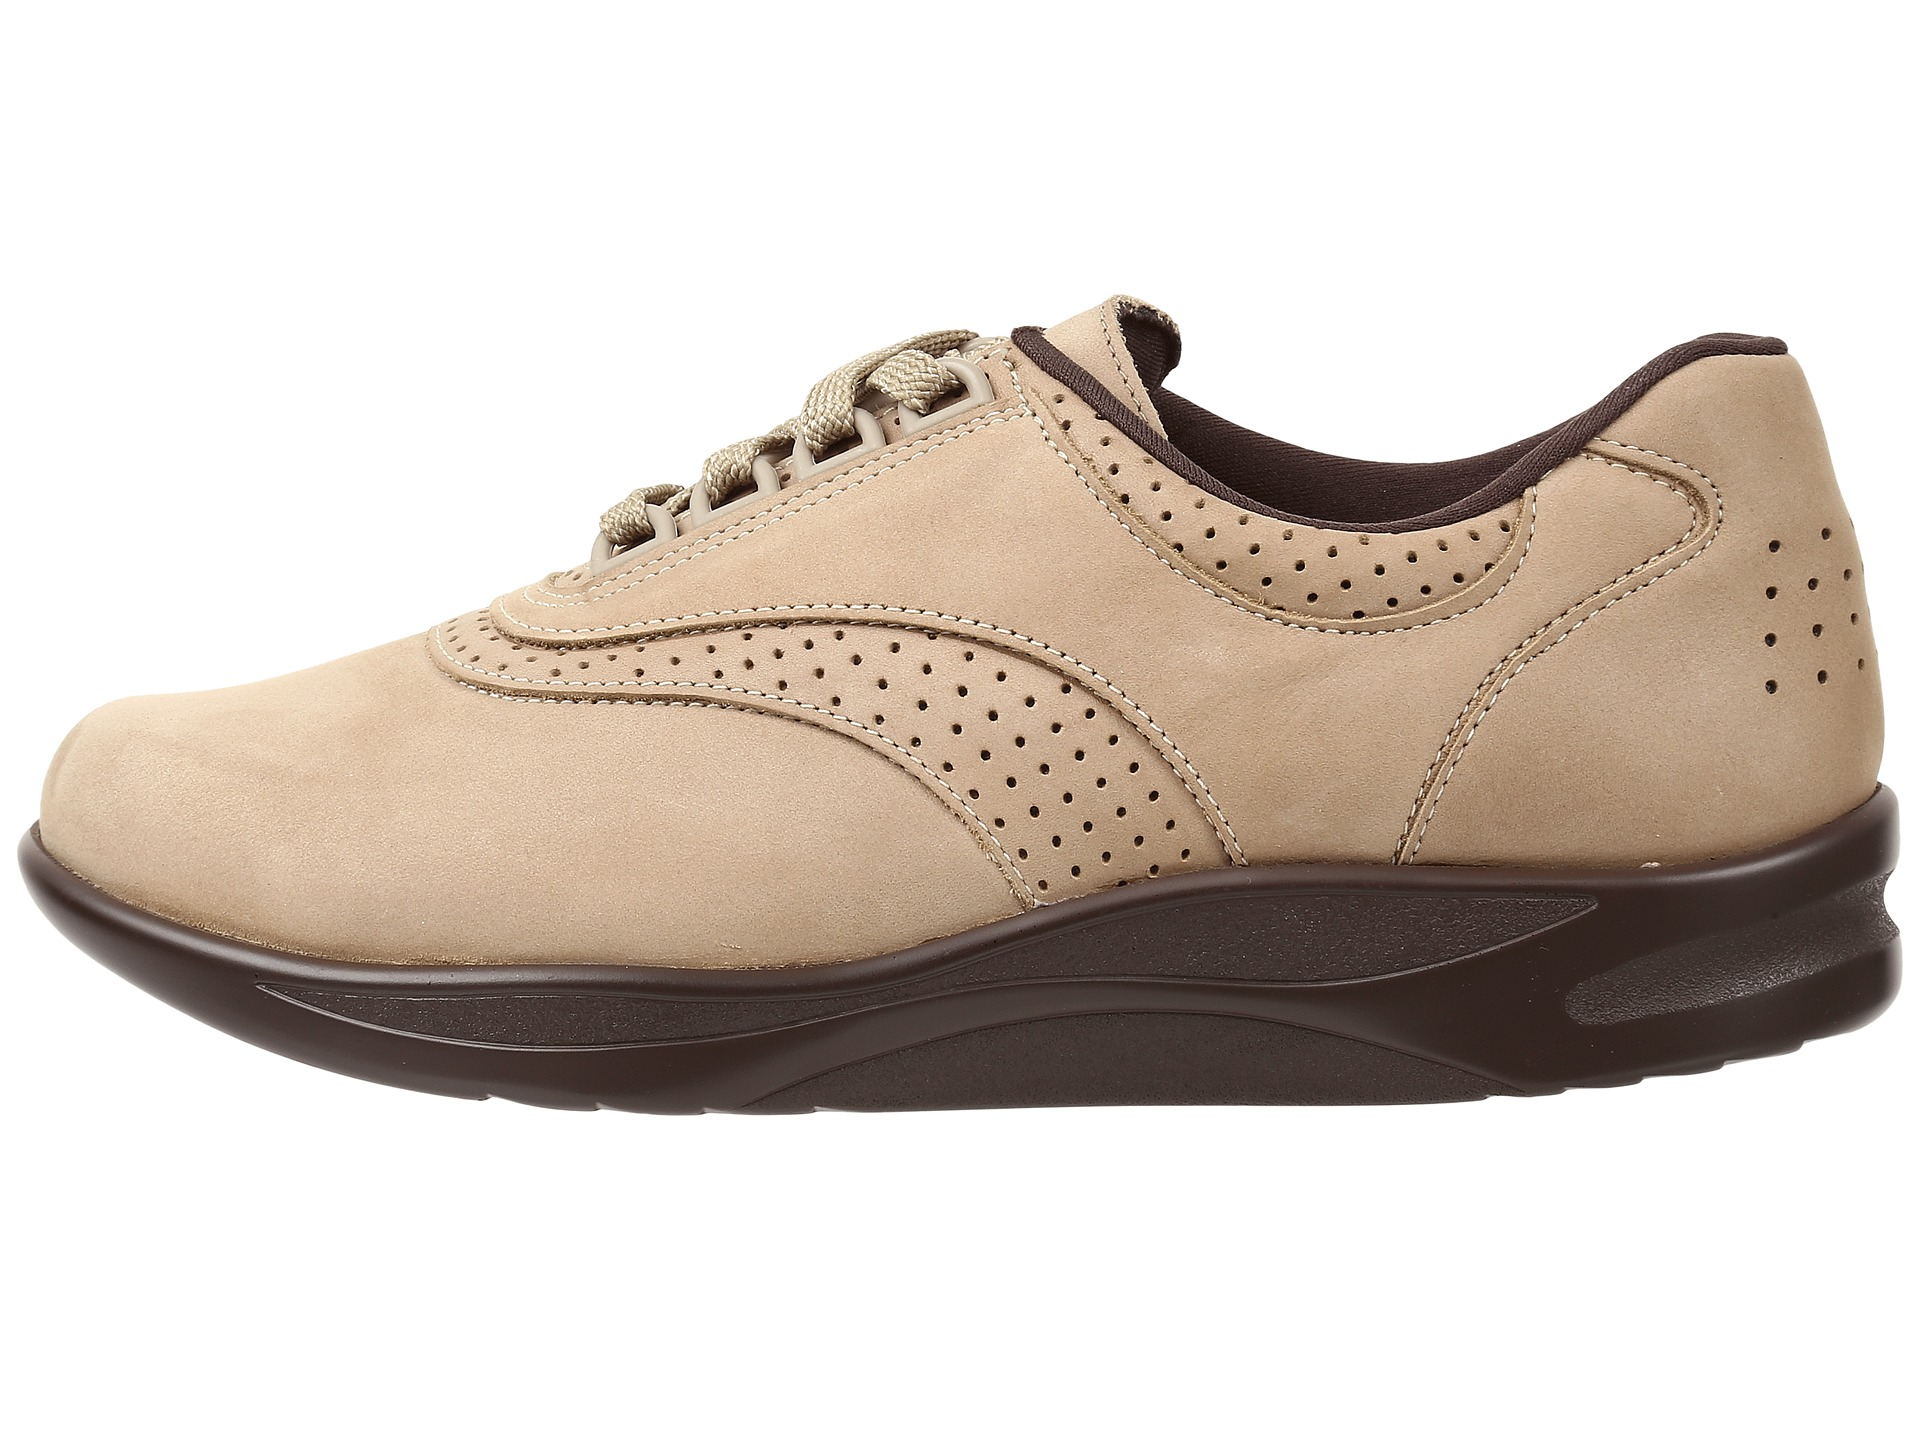 Sas Shoes Walk Easy Reviews